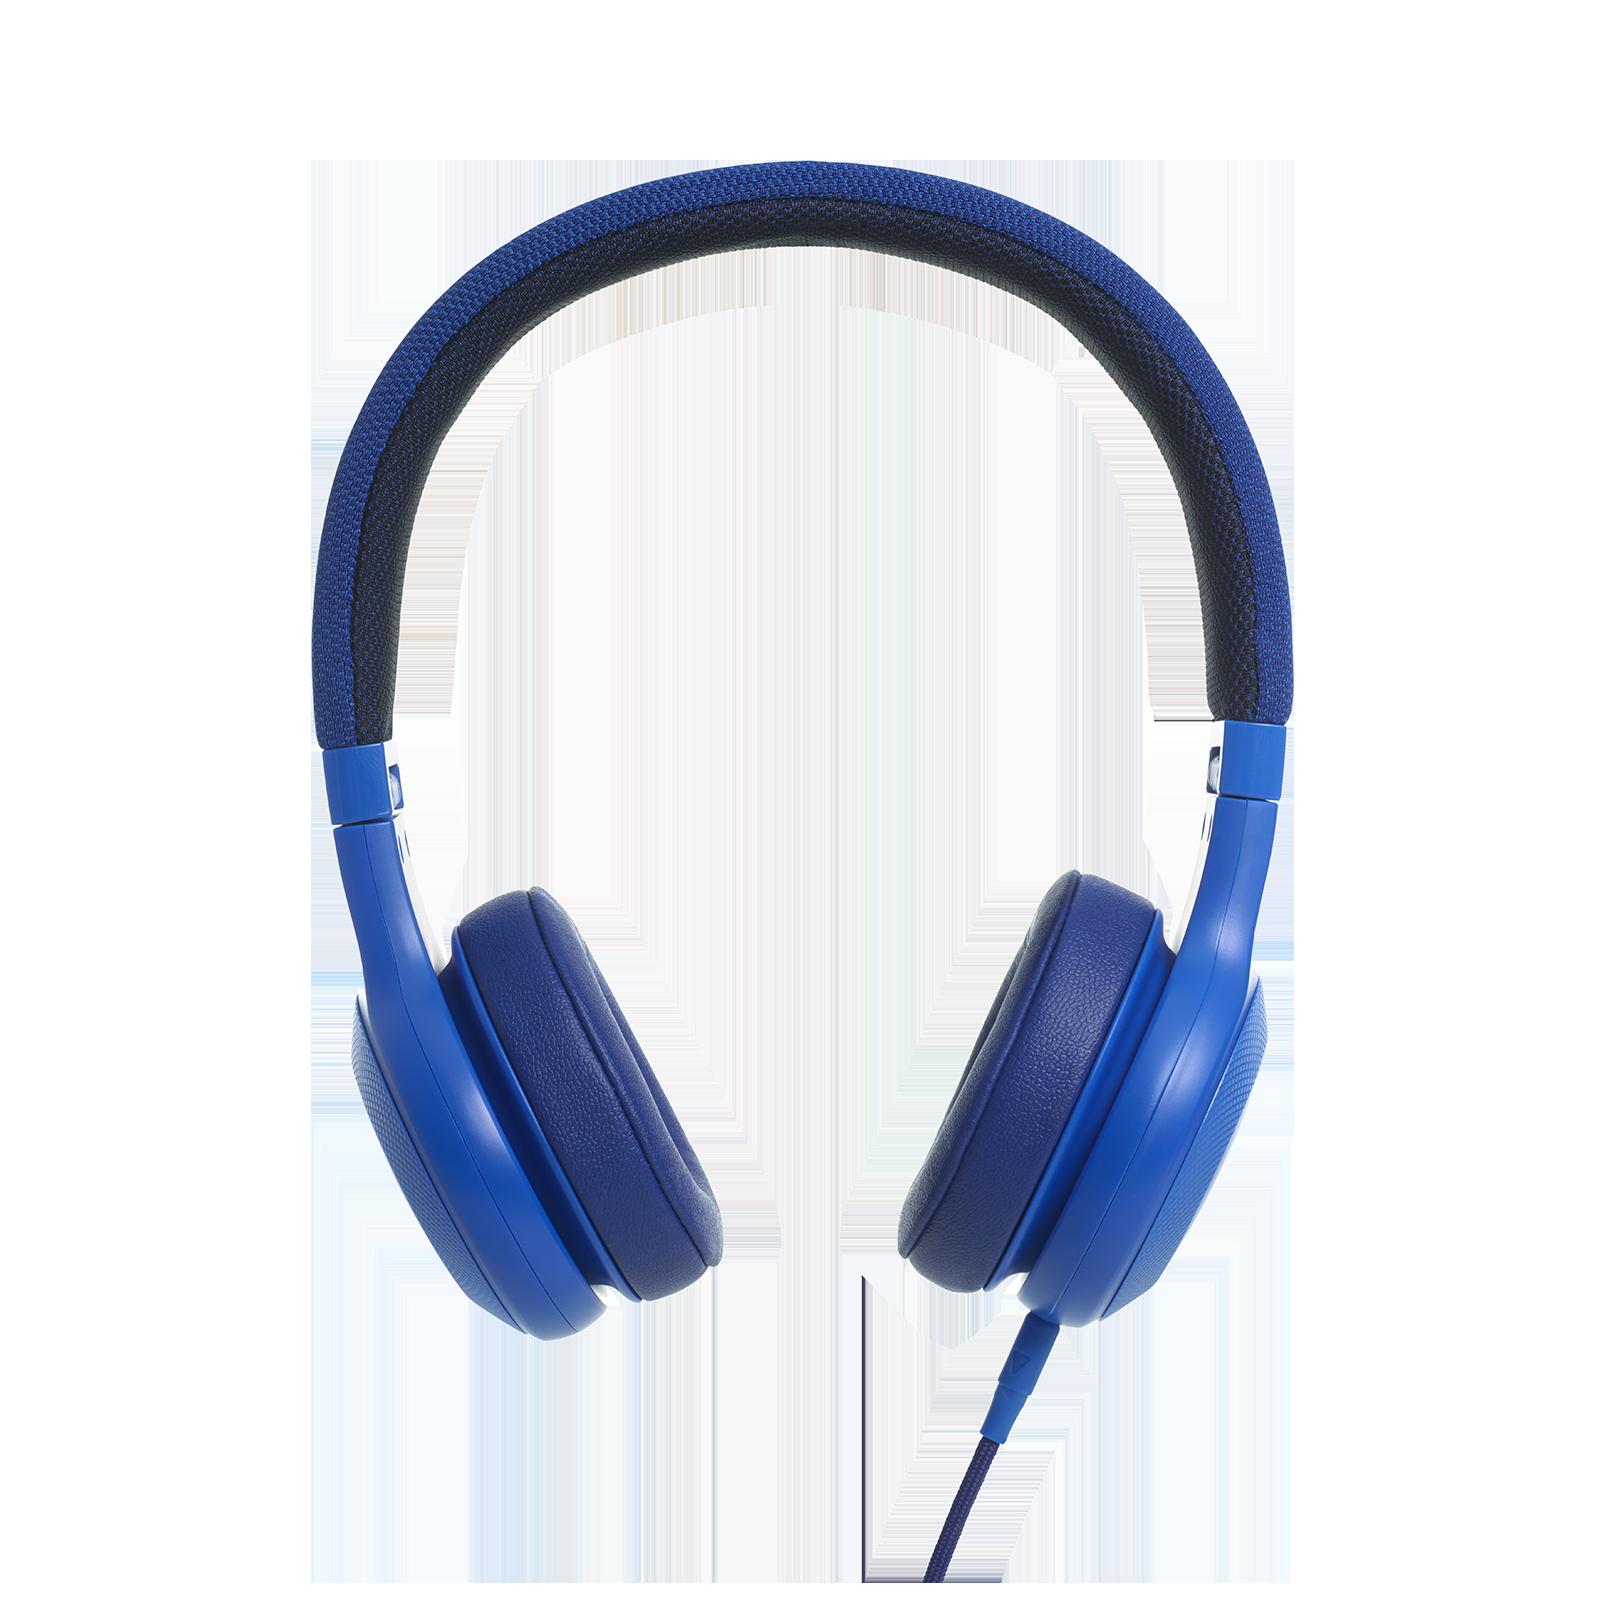 E35 - Blue - On-ear headphones - Detailshot 2